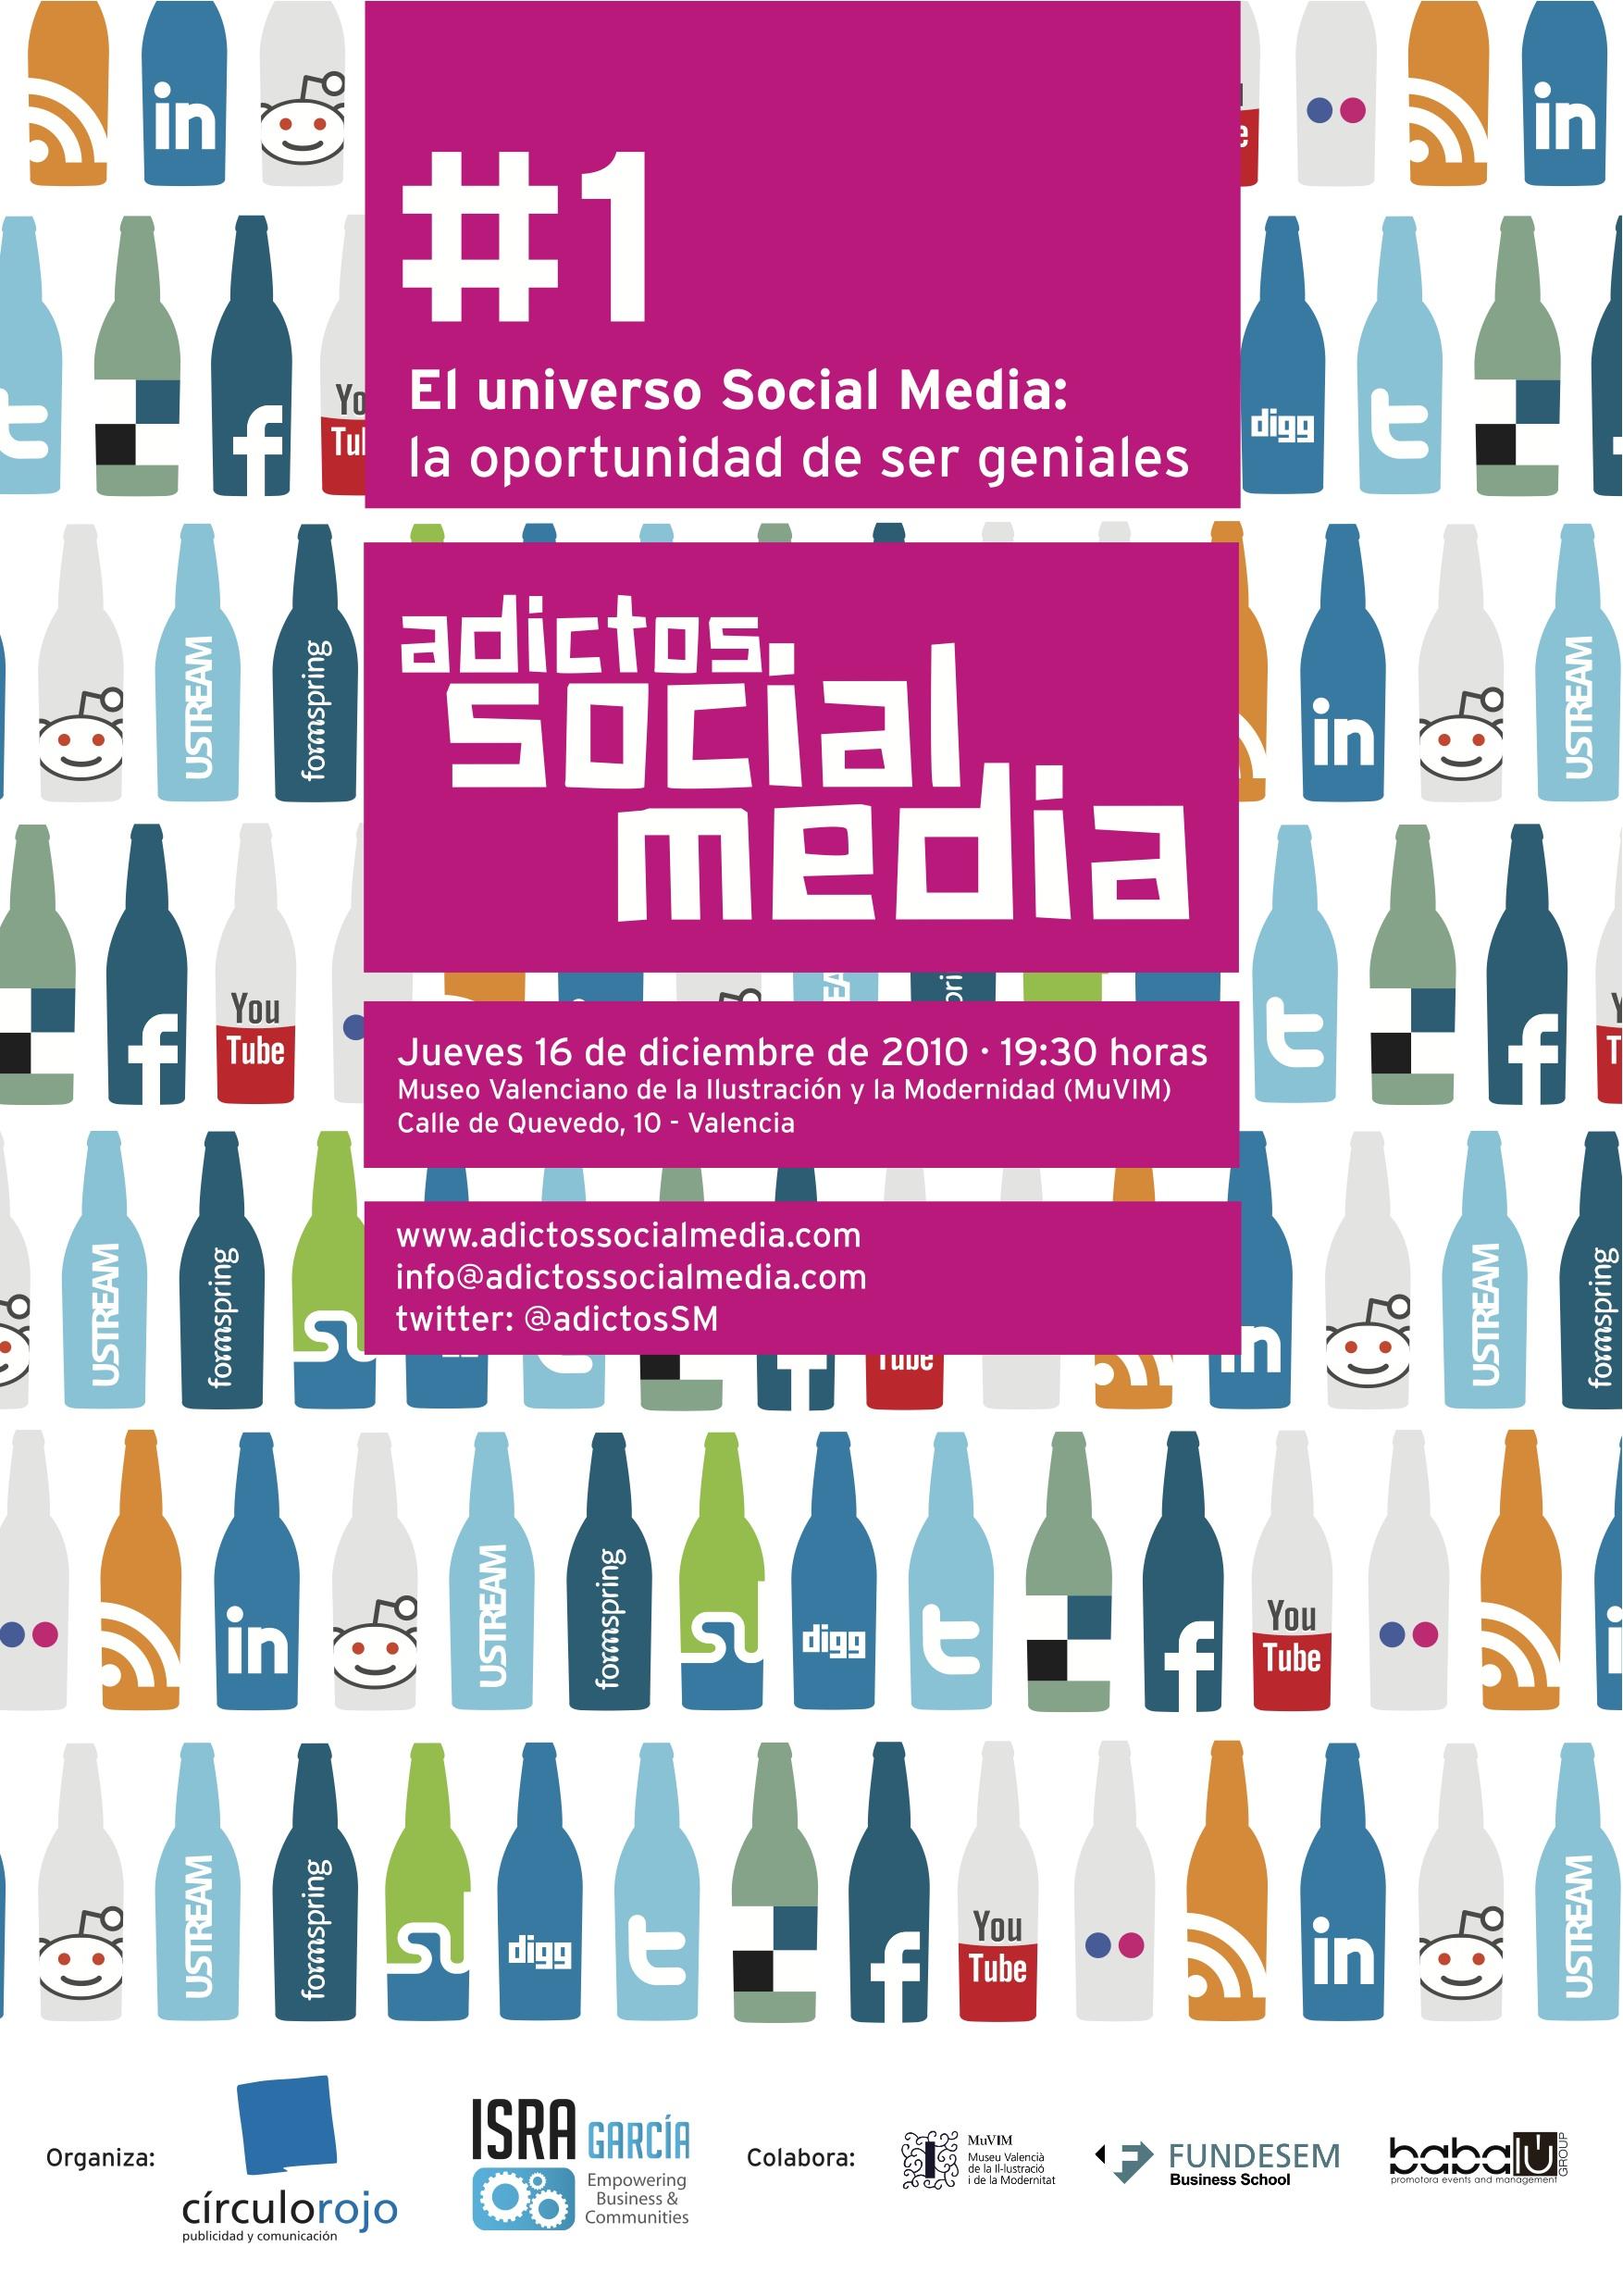 social media: la oportunidad de ser geniales